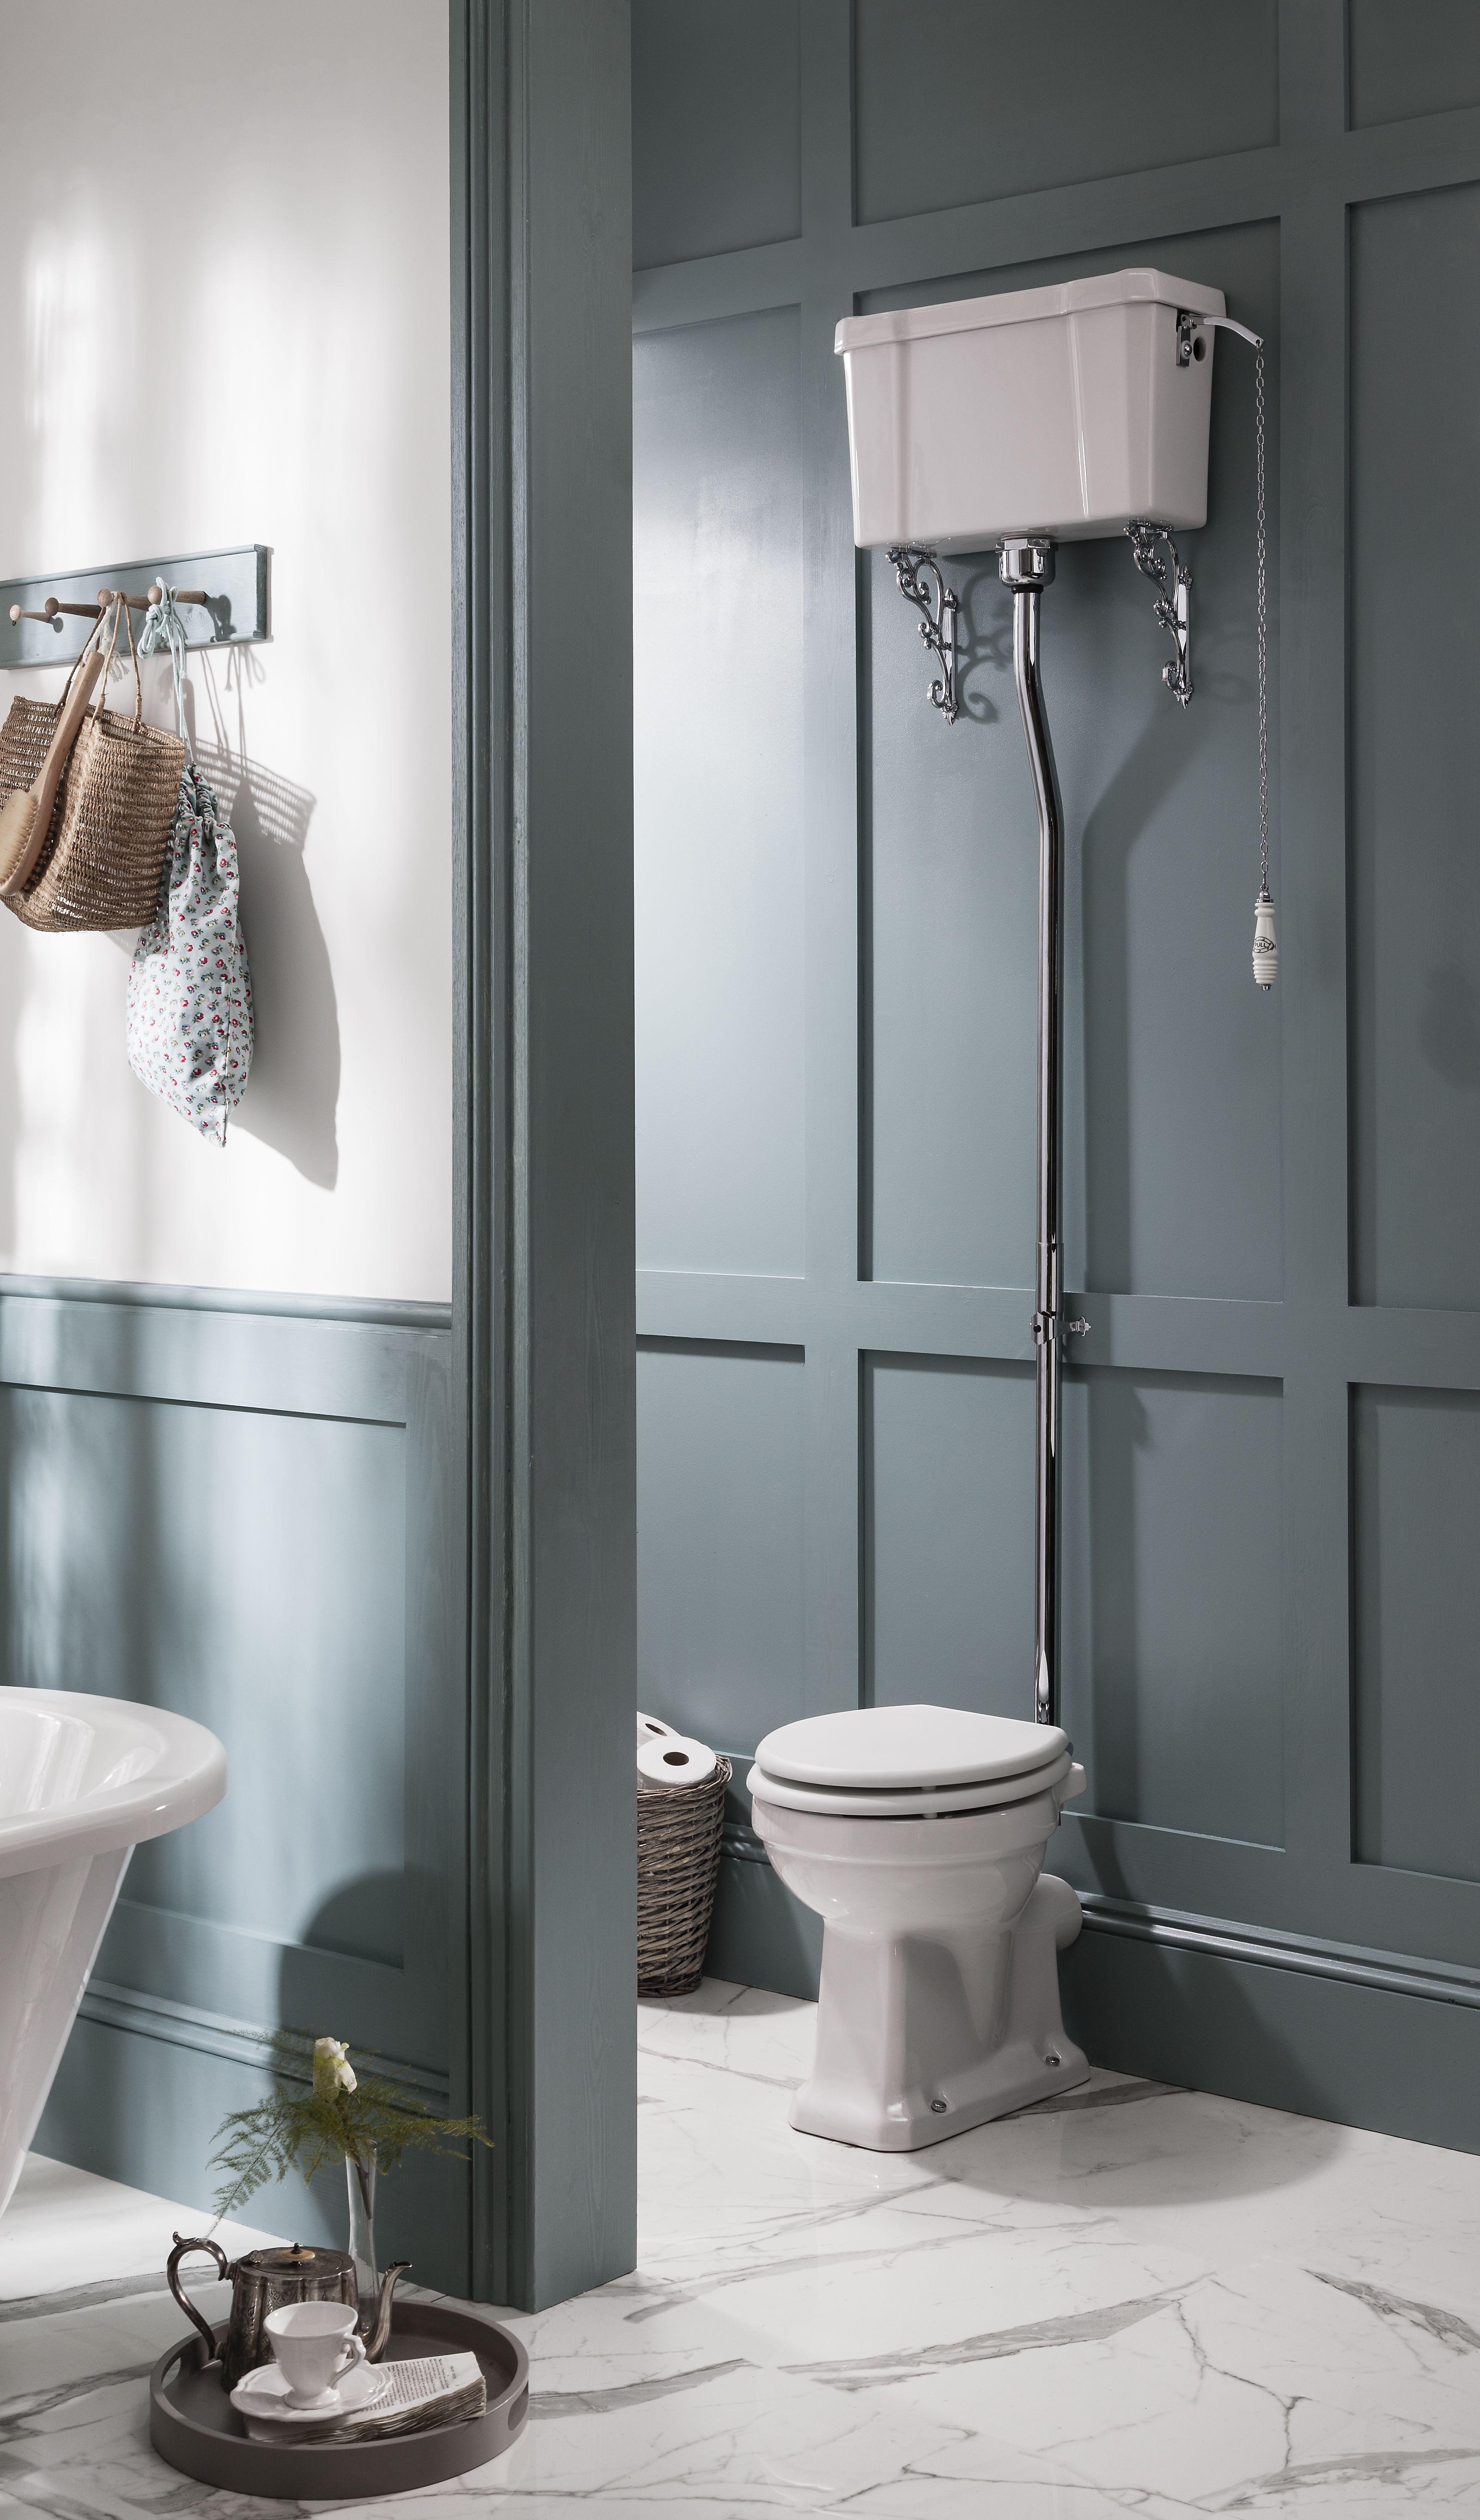 Bathroom Burlington Ideas white marble and blue teal nice idea for a bathroom. period